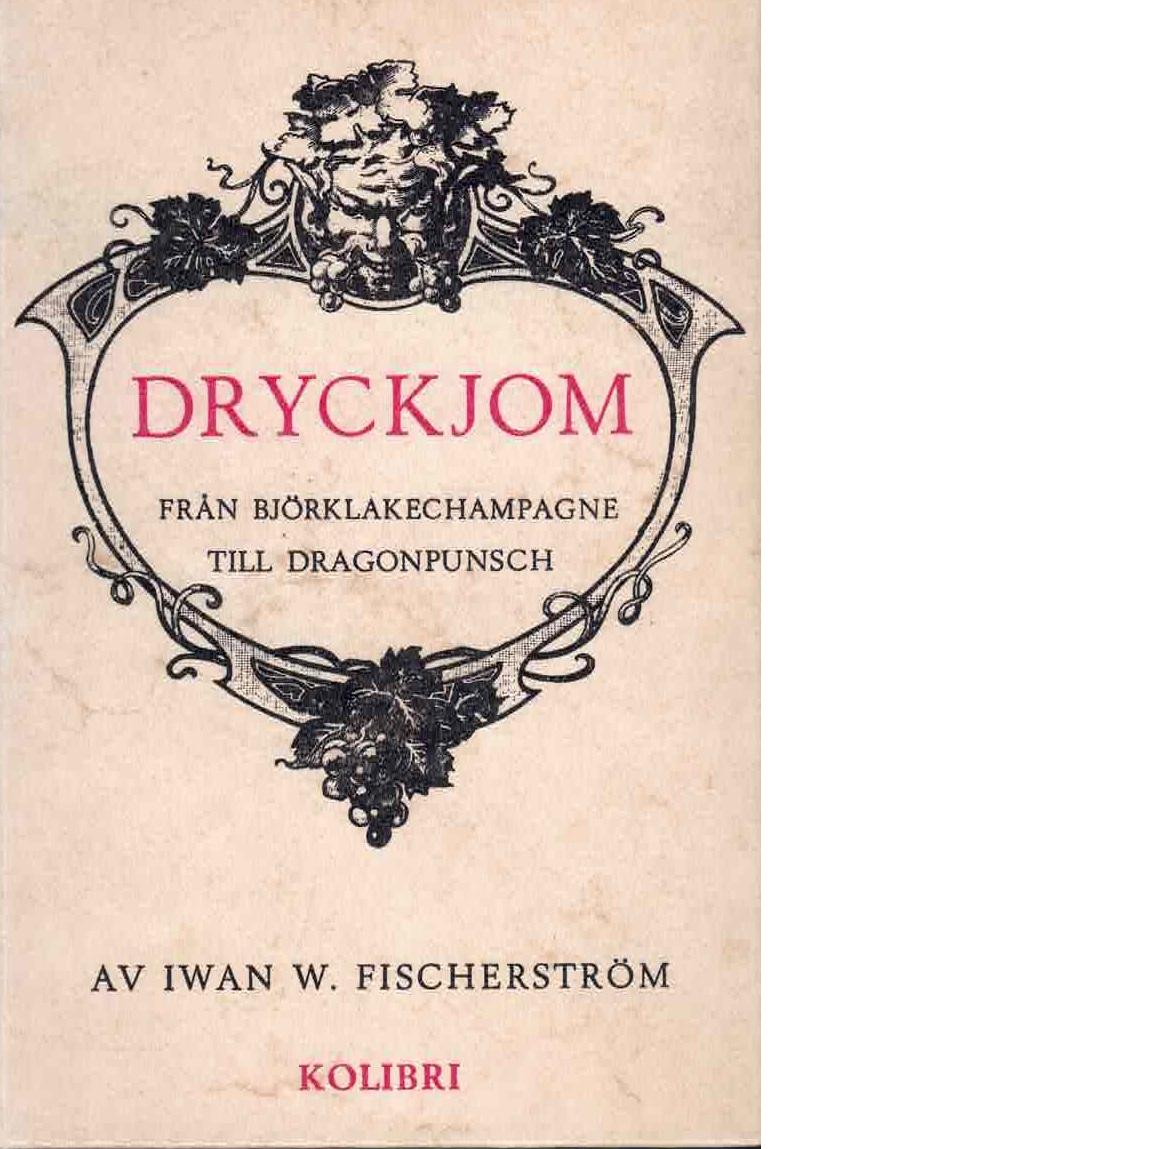 Dryckjom : från dragonpunsch och vikingamjöd till björklakechampagne - Fischerström, Iwan W,